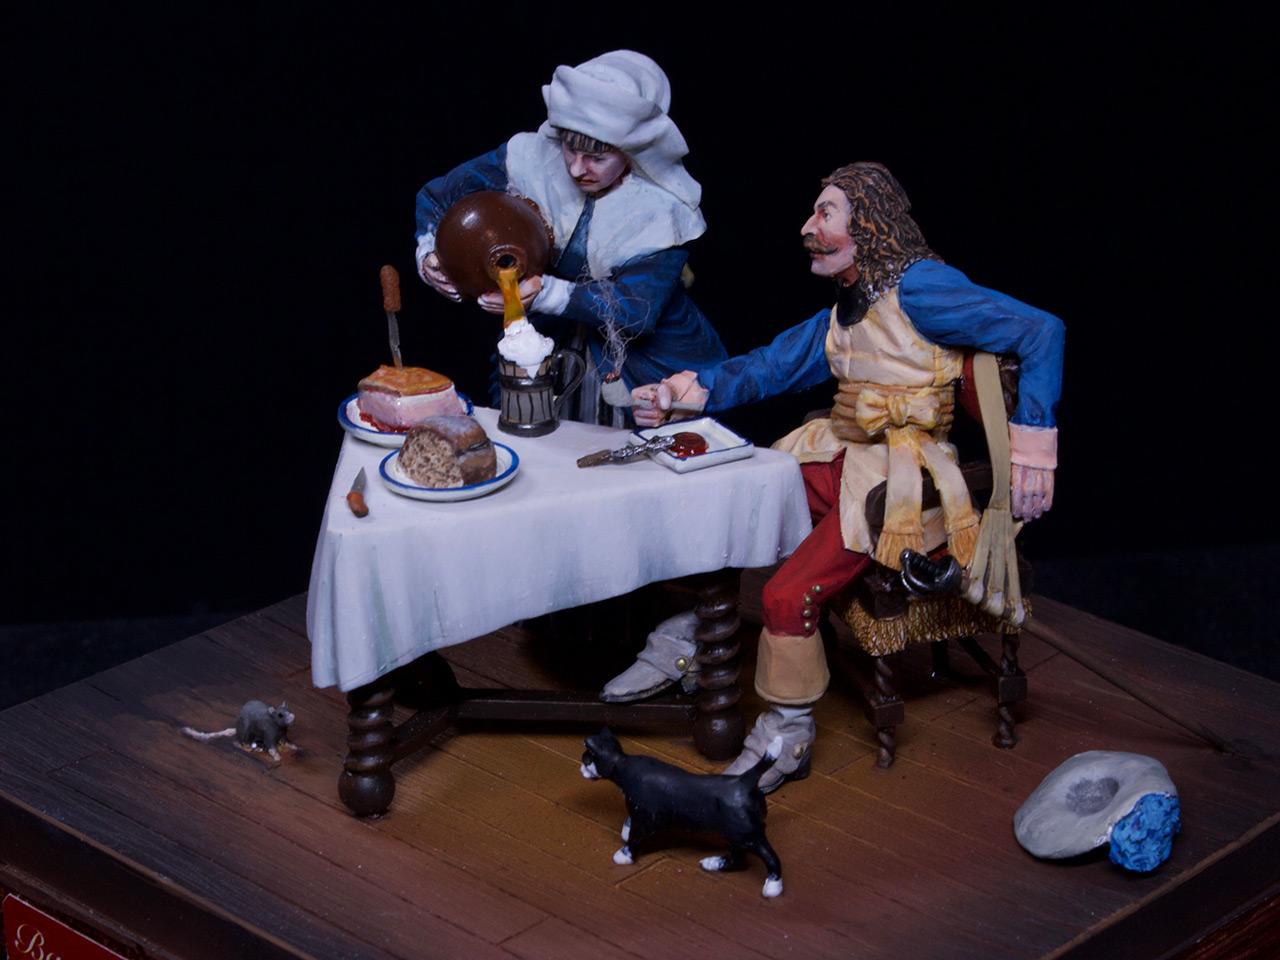 Диорамы и виньетки: Горничная и кавалер за столом, фото #7